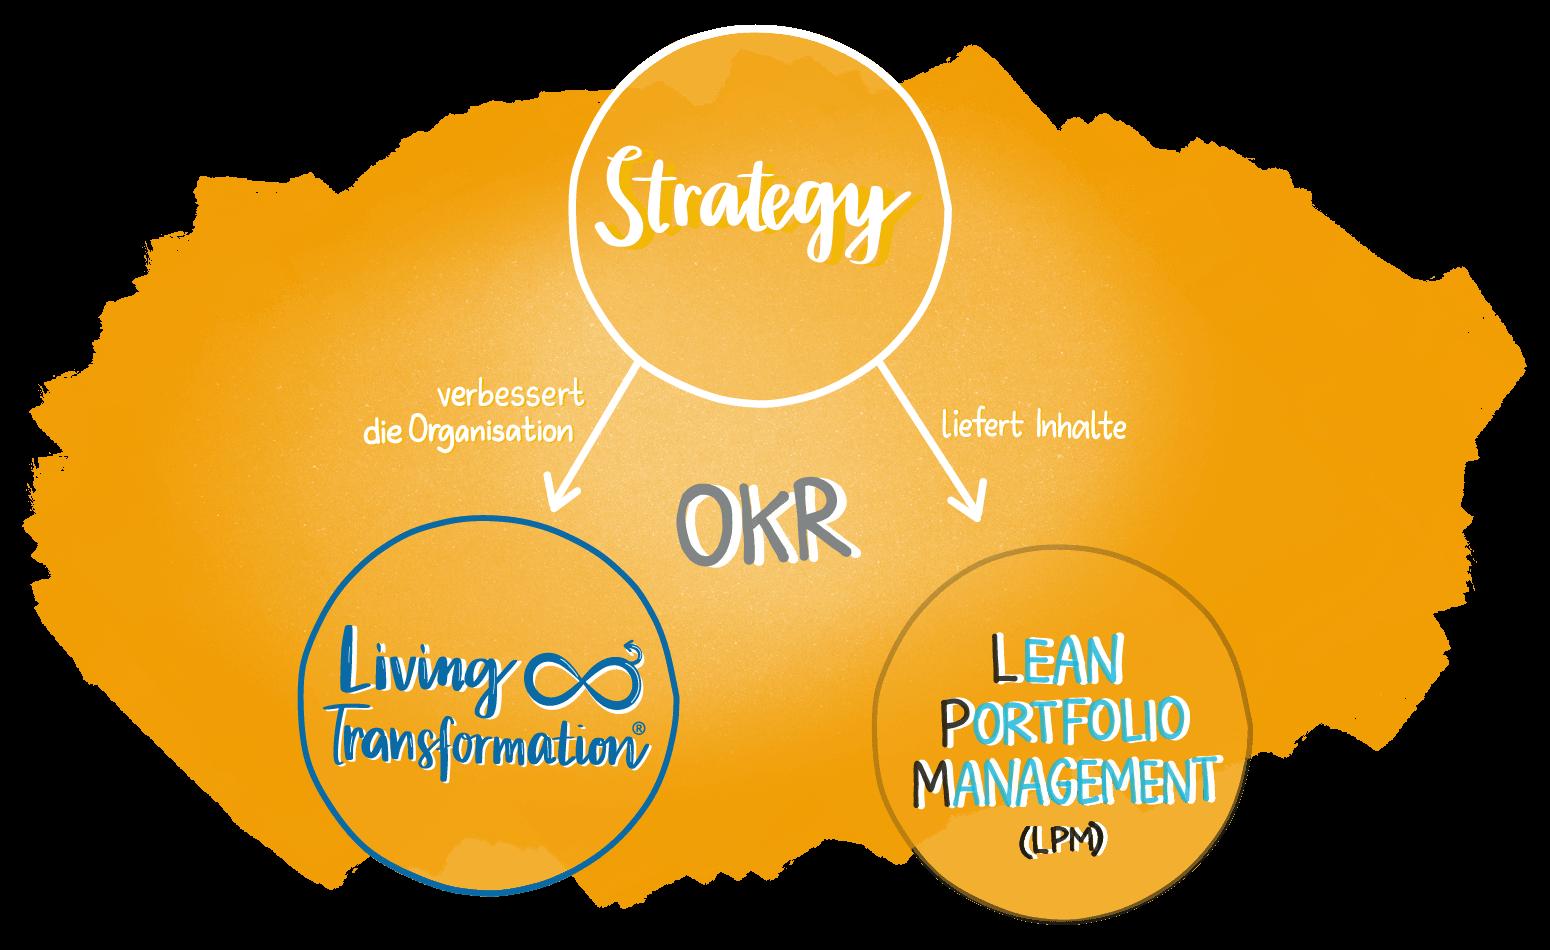 Agile Transformation - Living Strategy linked to Living Transformation und Der Lieferung vonProdukten und Dienstleistung